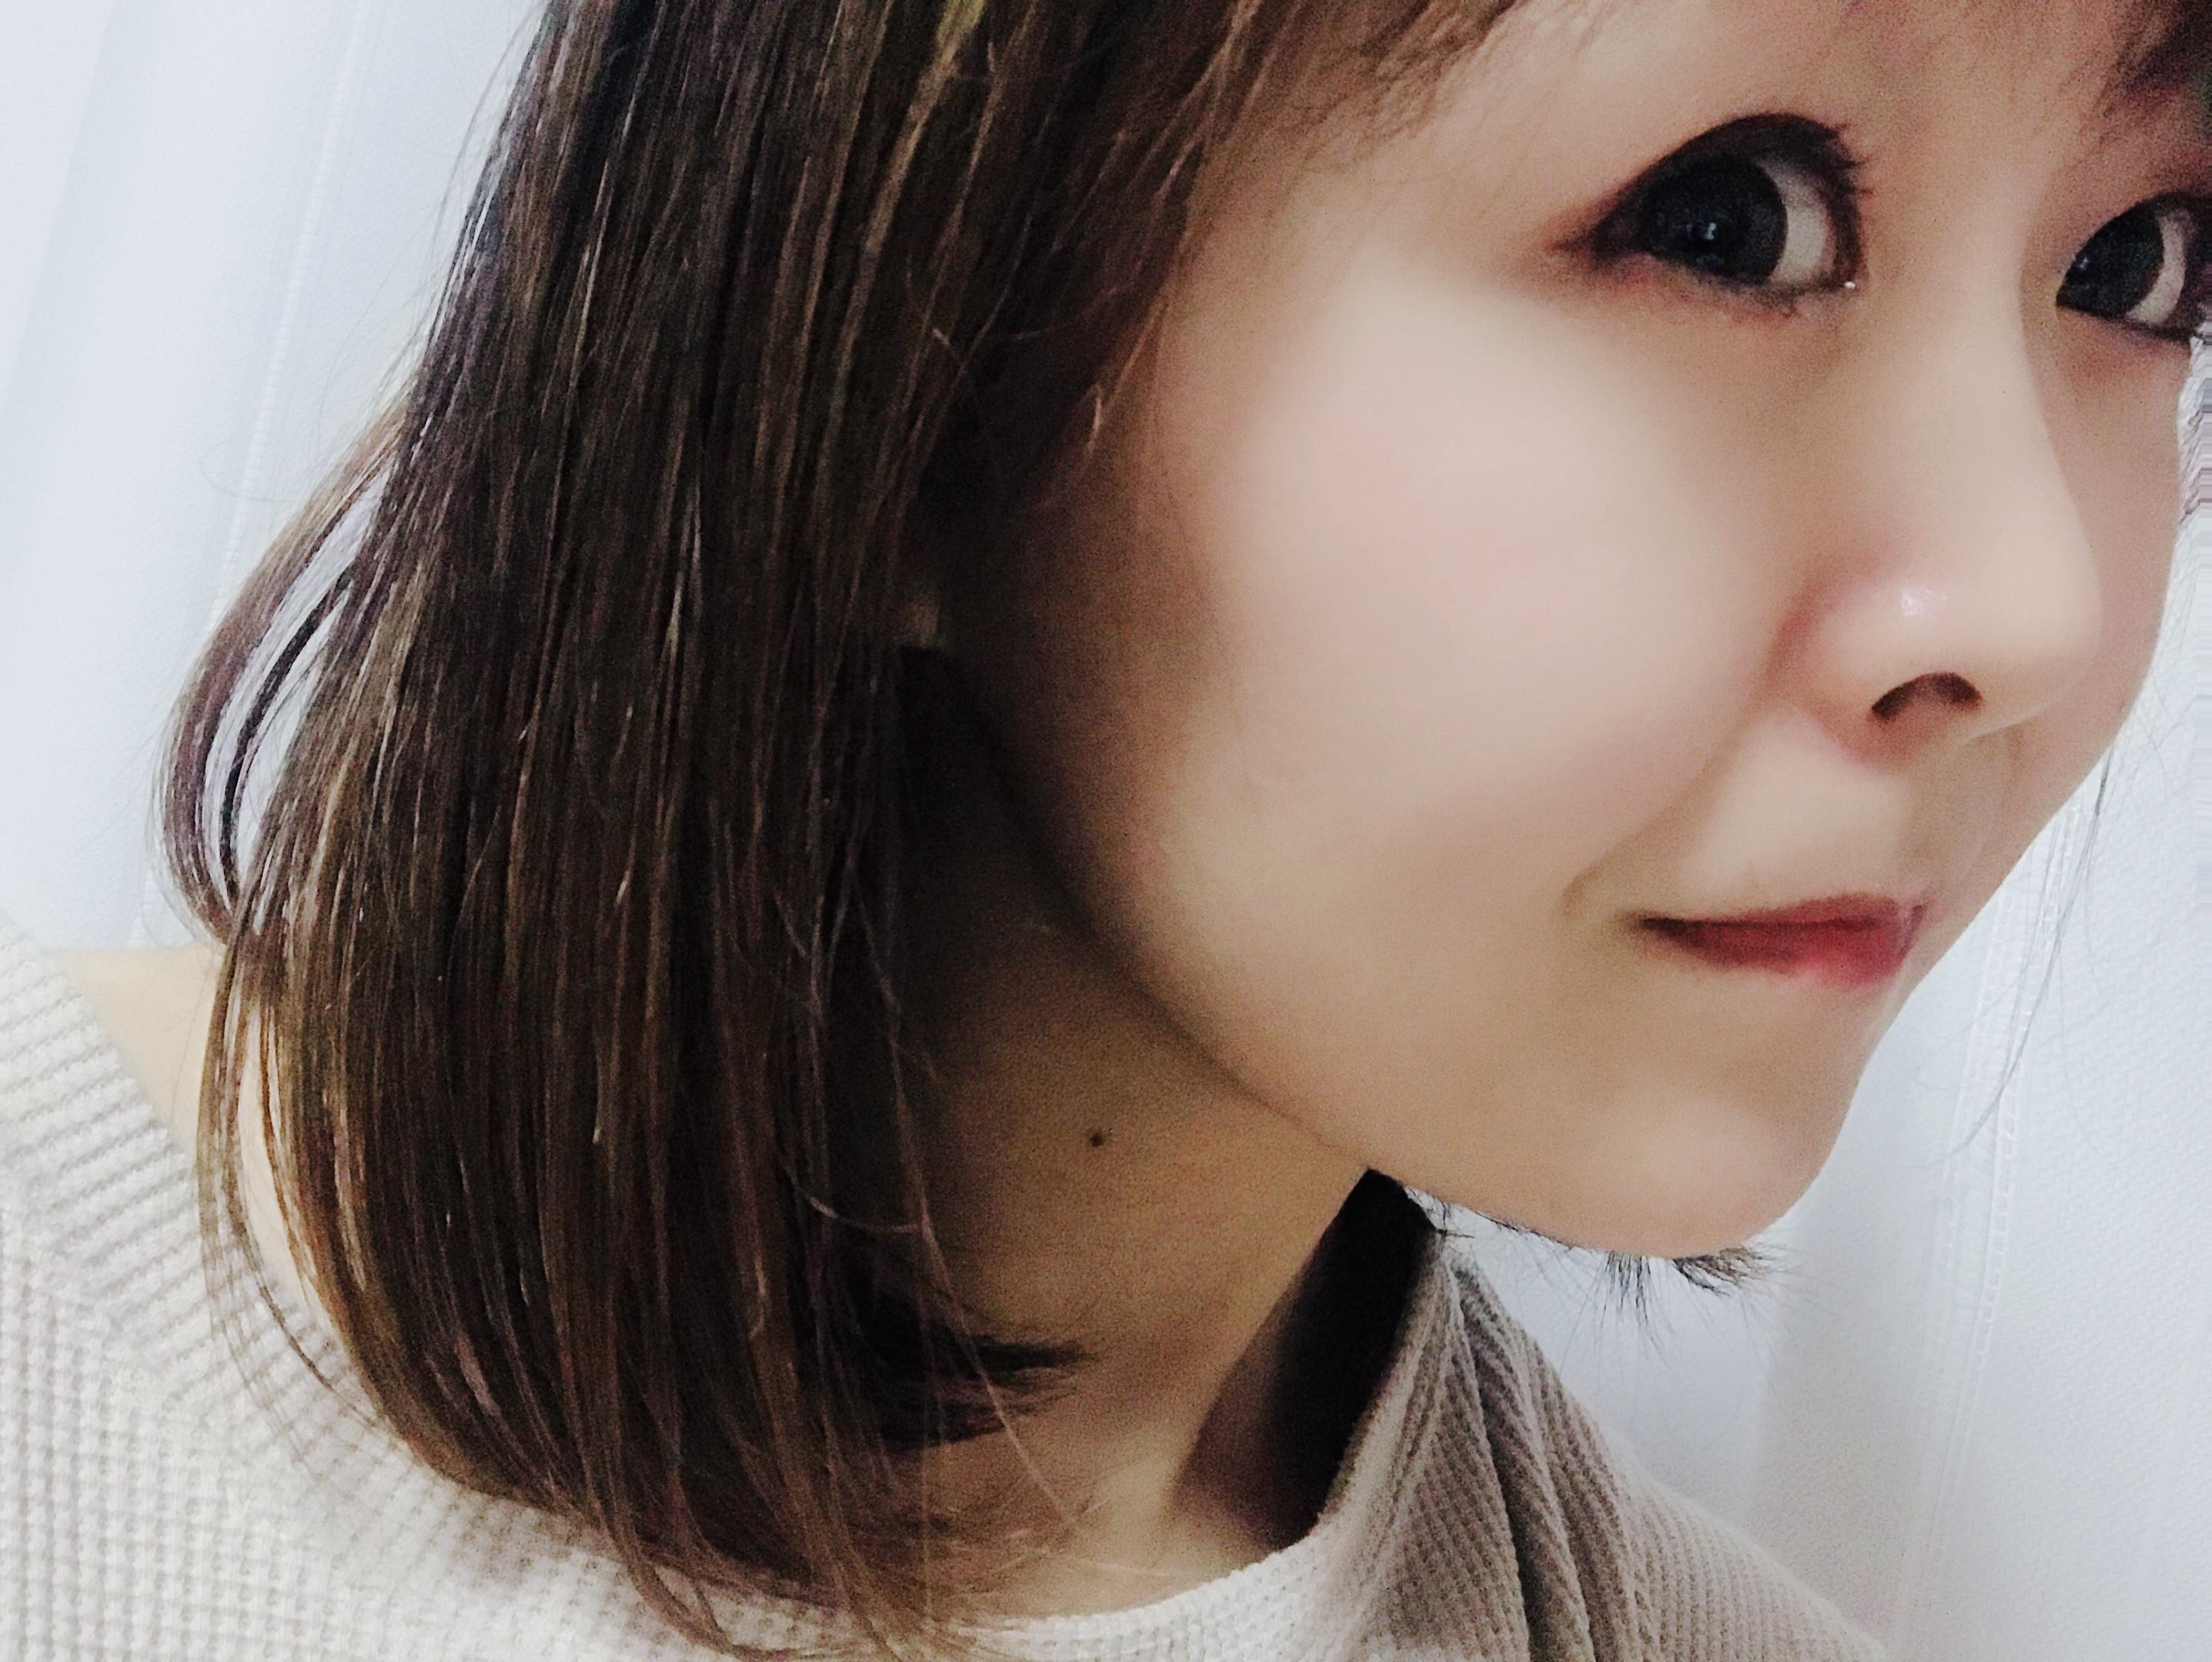 ウェットなトレンド髪が叶う!【Moii(モイ)】のヘアバームが優秀って知ってる?_4